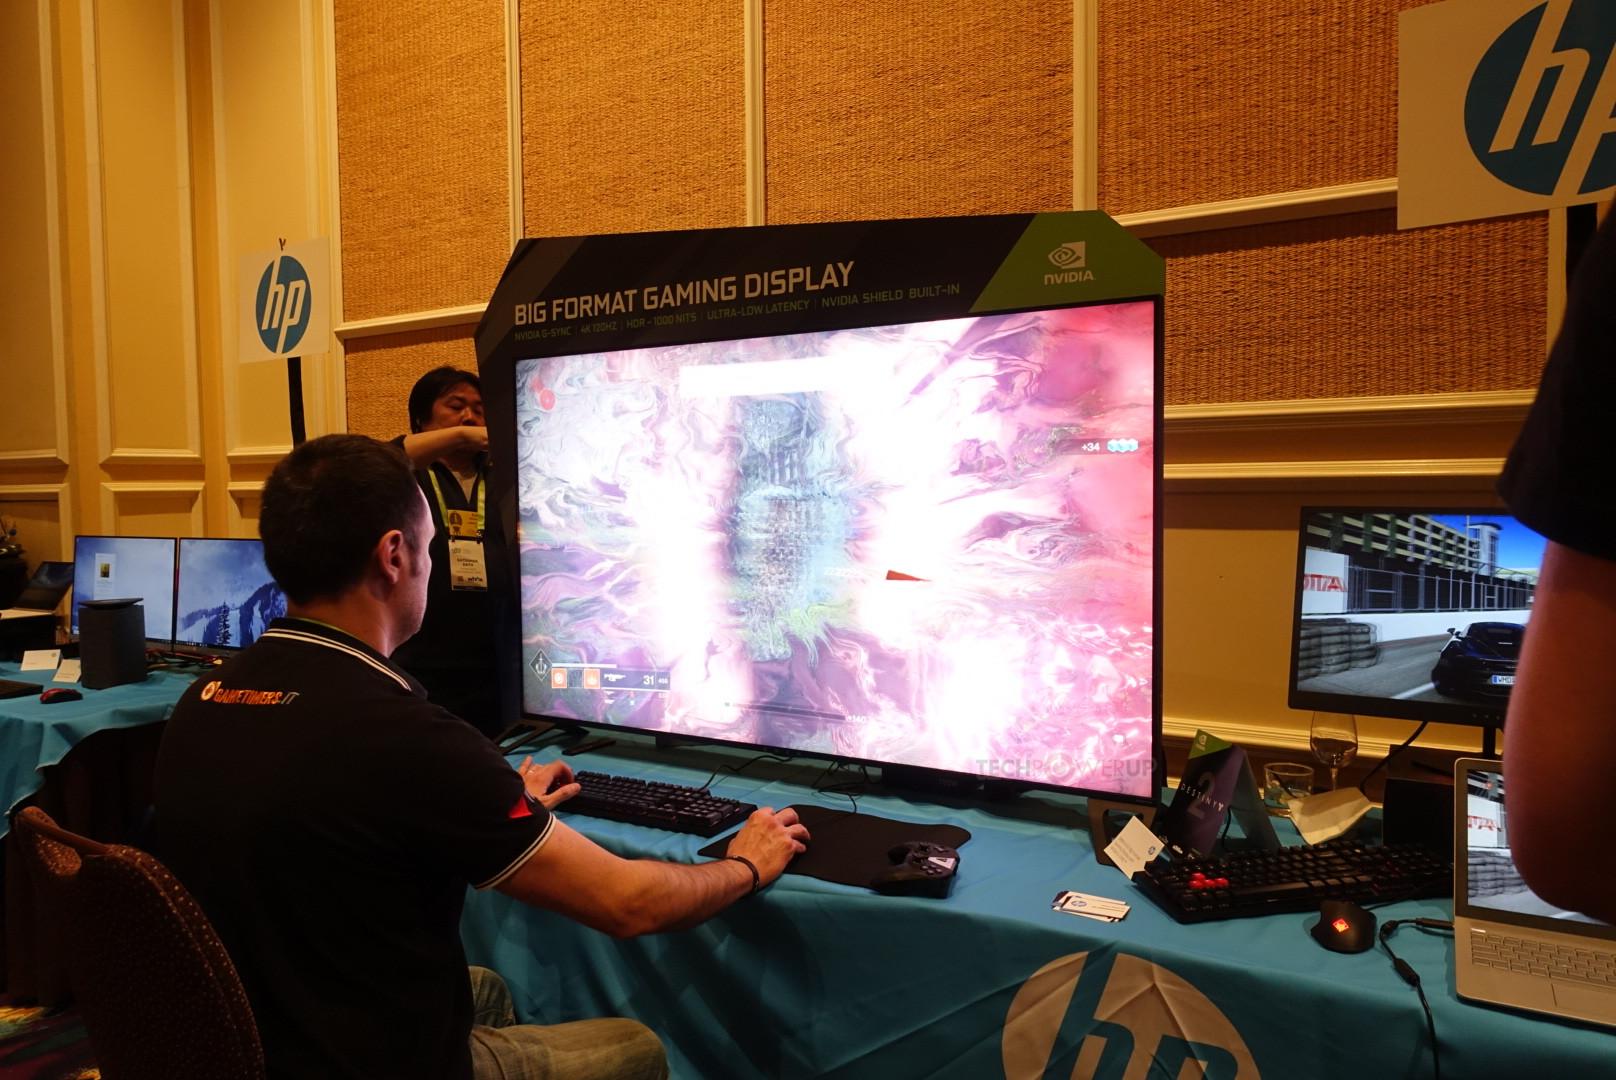 Nvidia BFGD Monitor